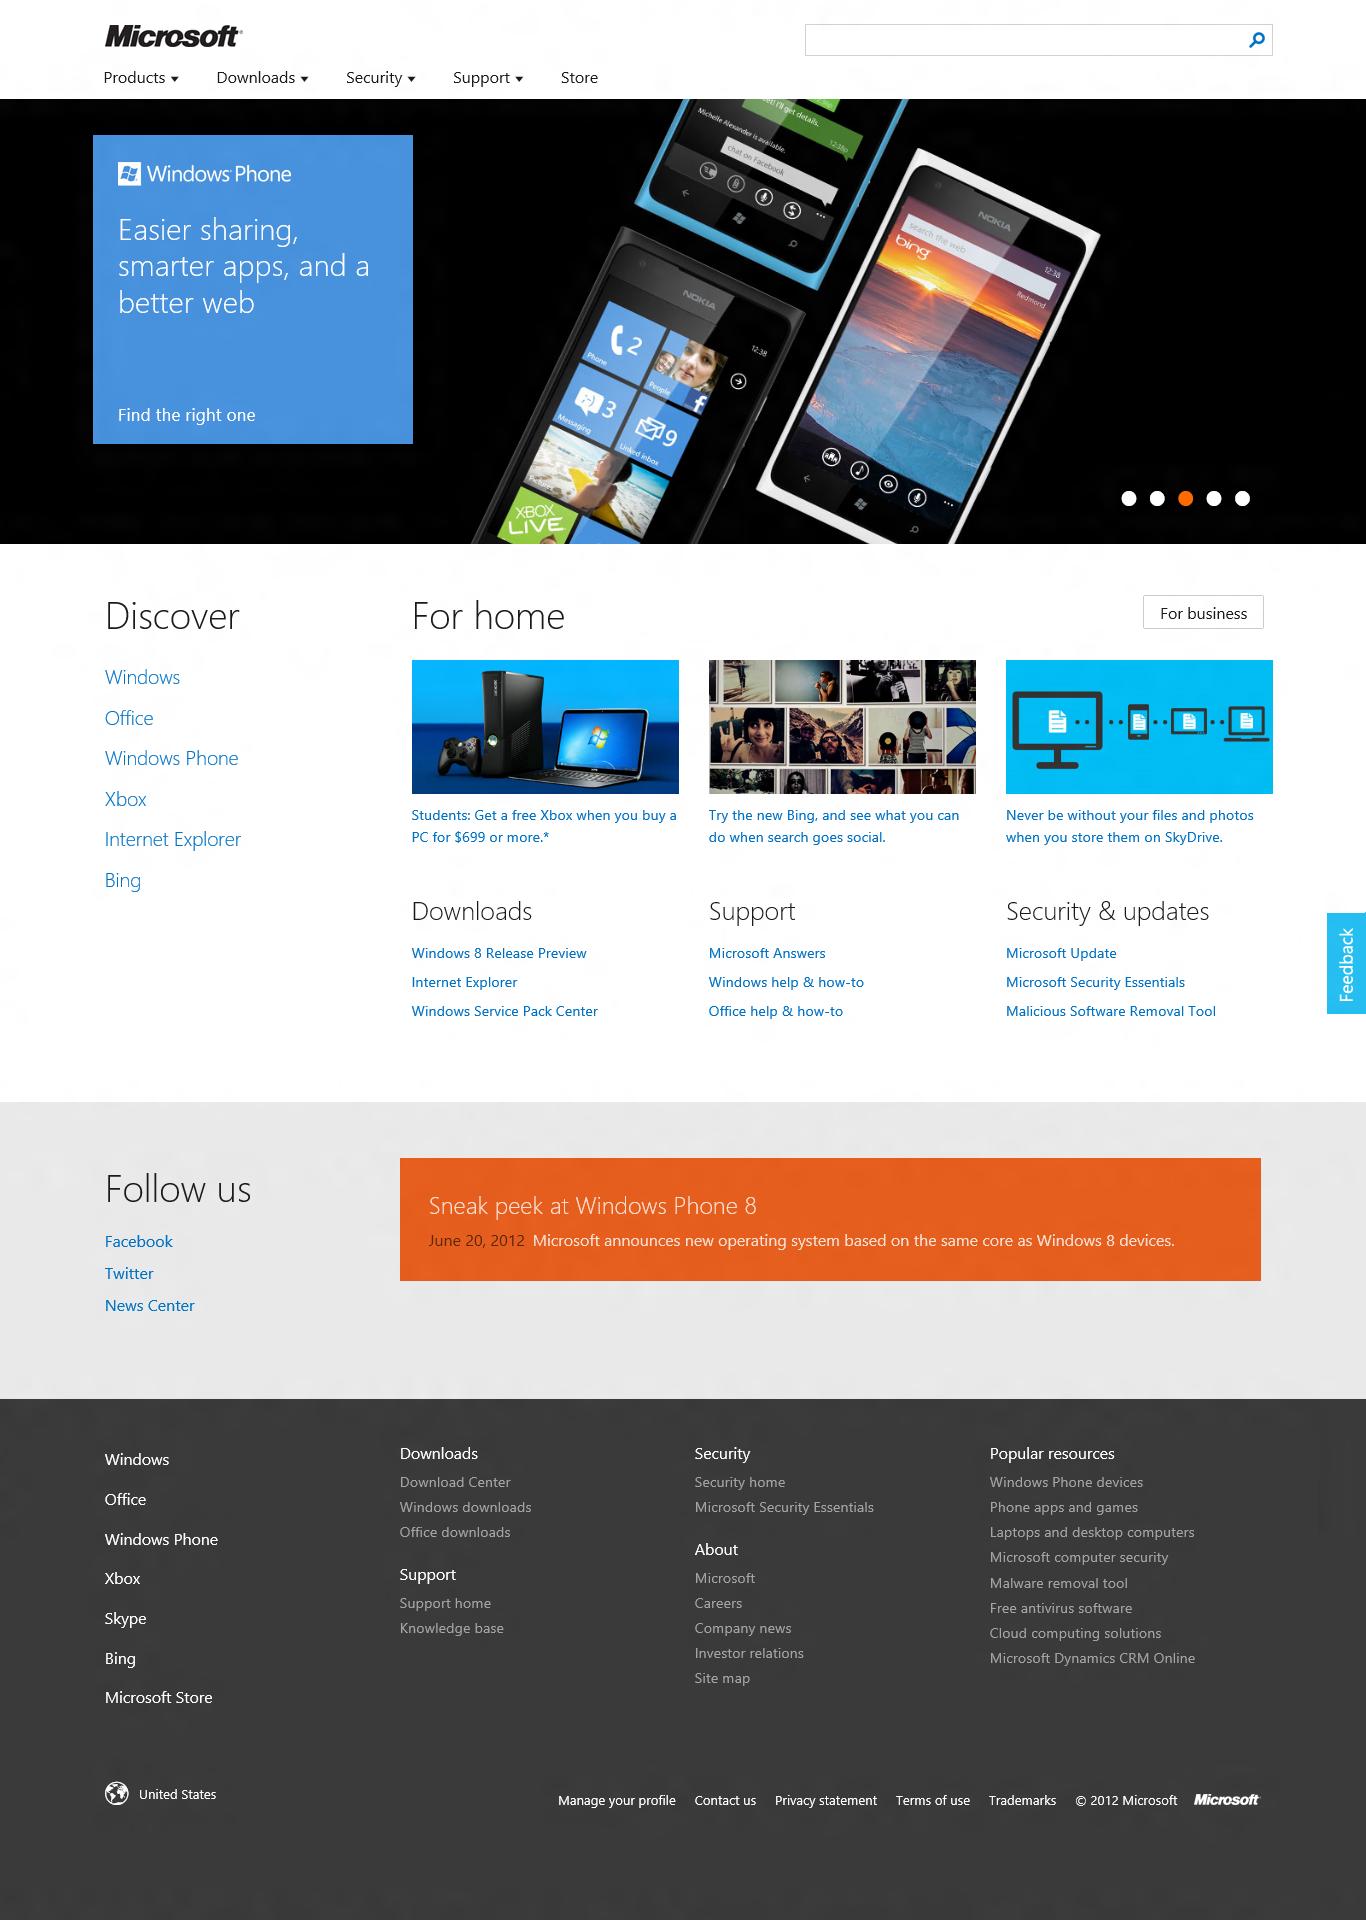 Microsoft Com1 Microsoft Way Redmond: Microsoft.com Website Gets A New Design